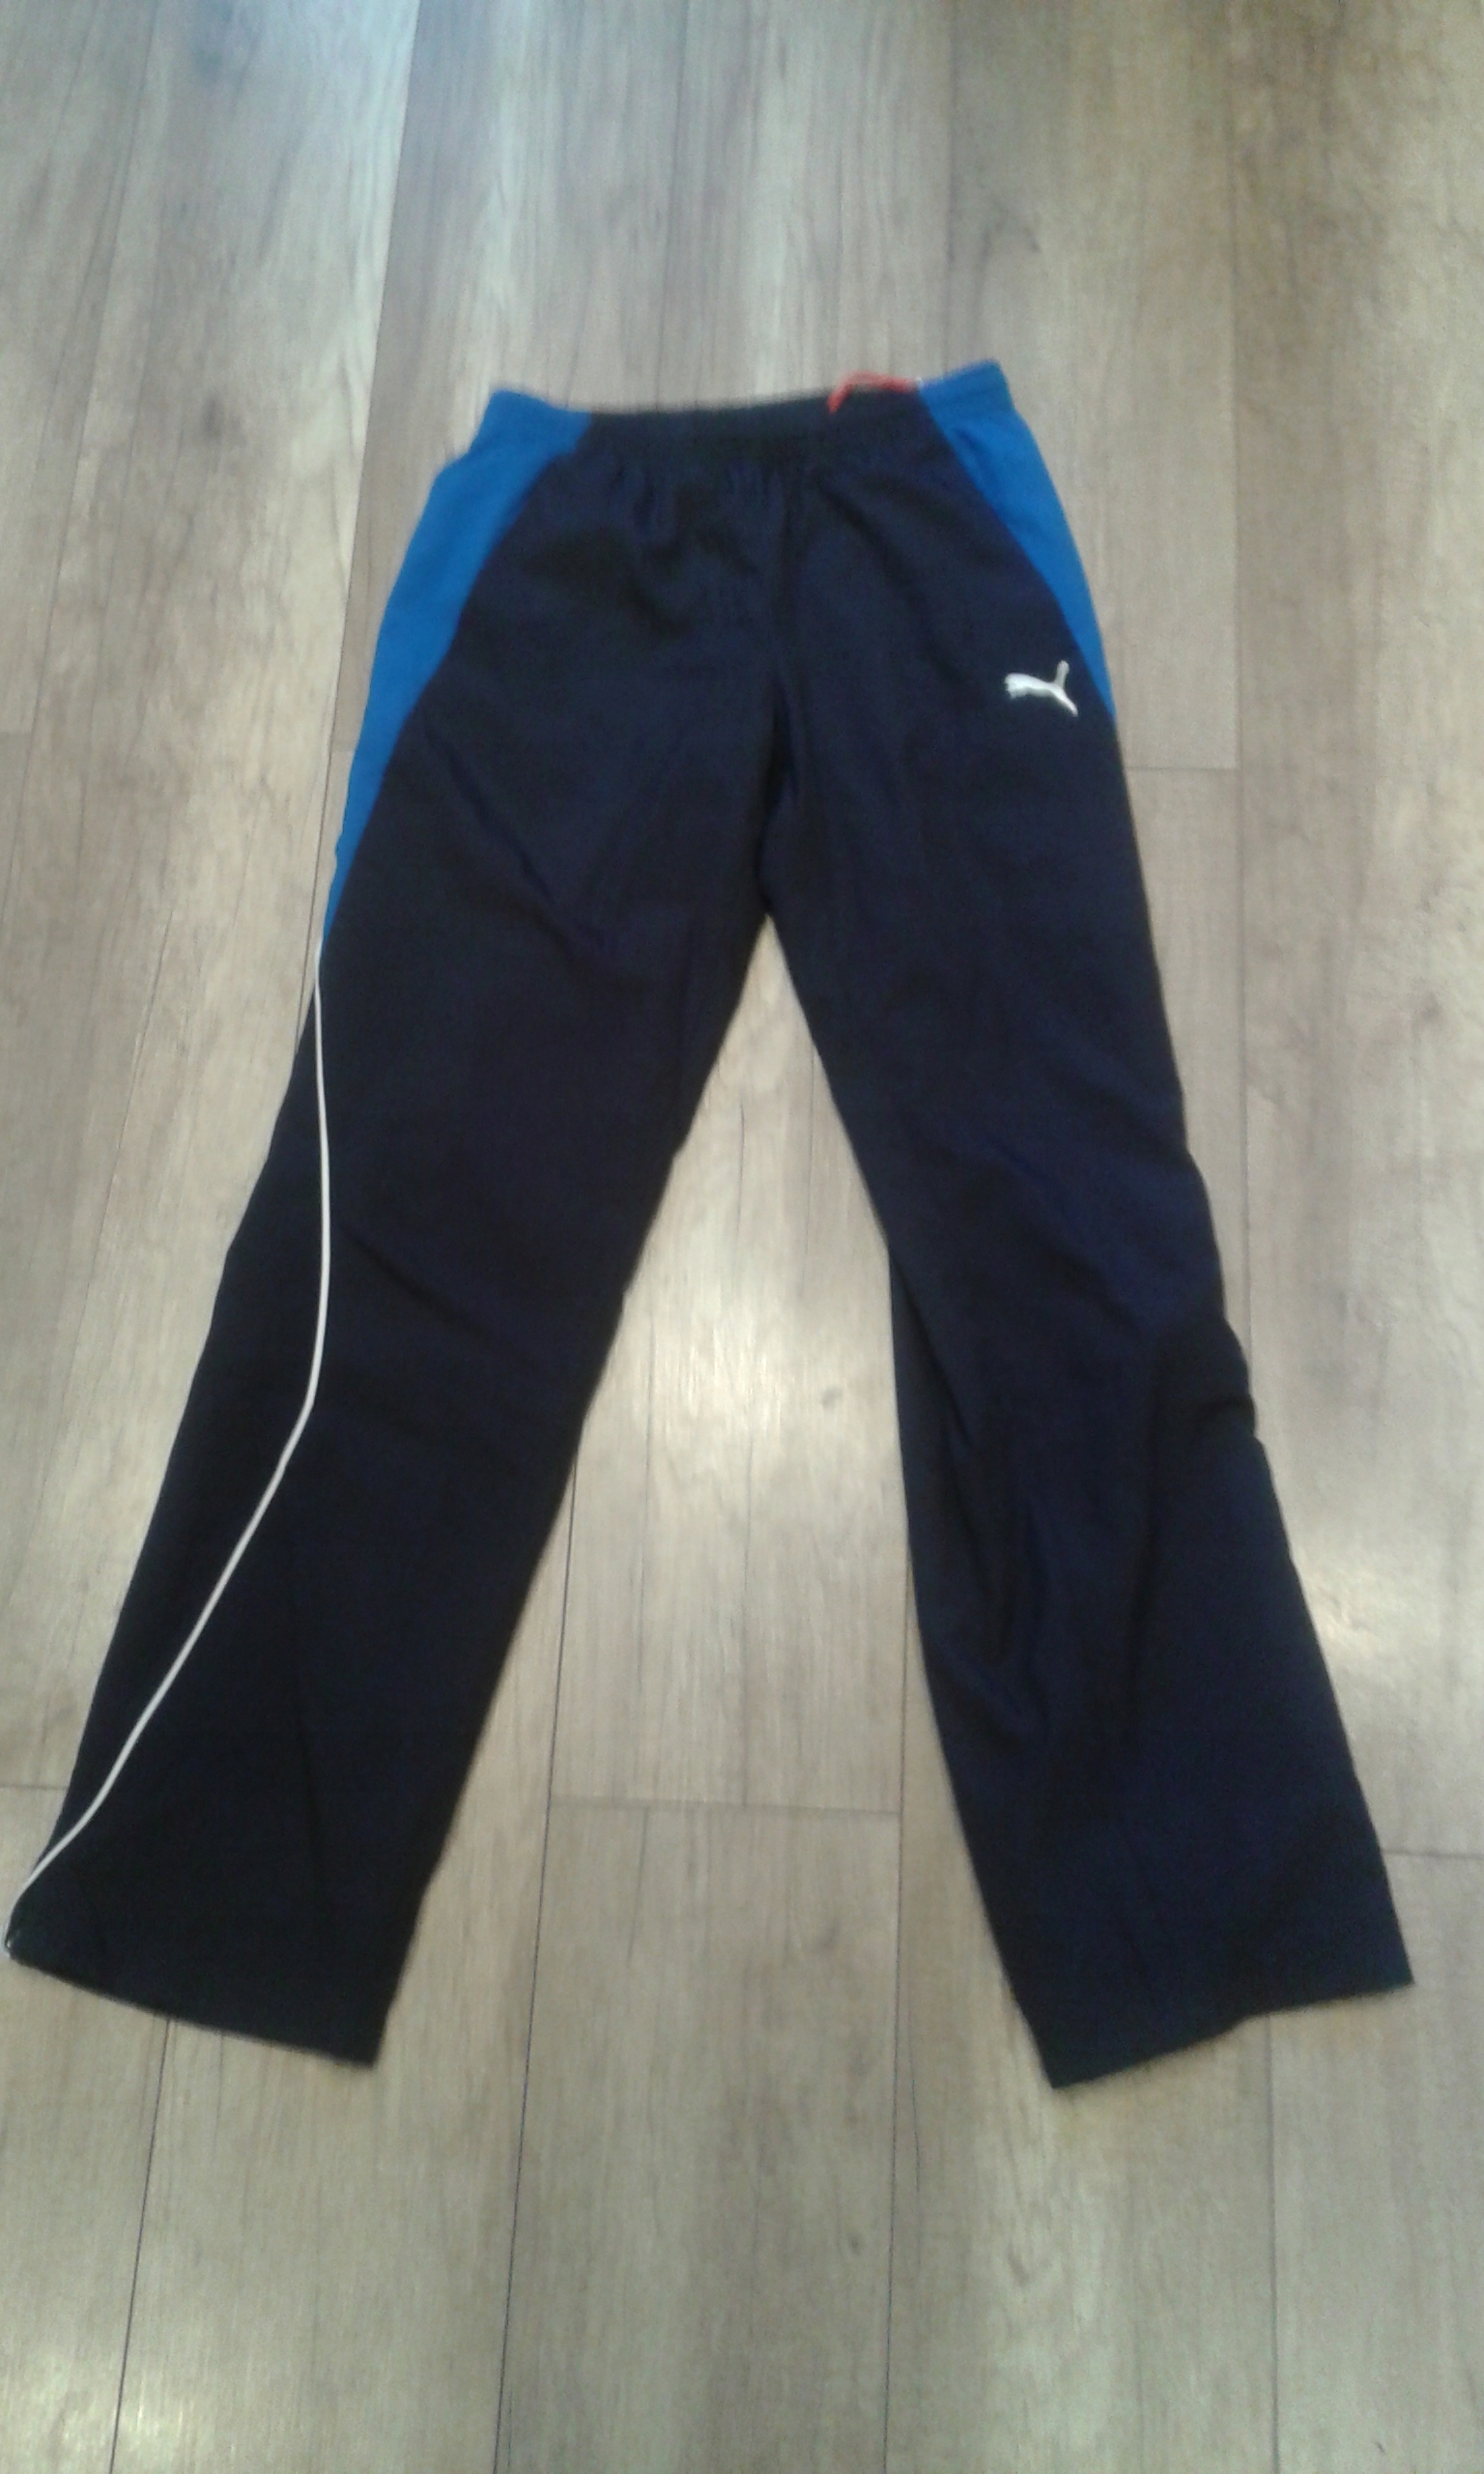 spodnie męskie puma S